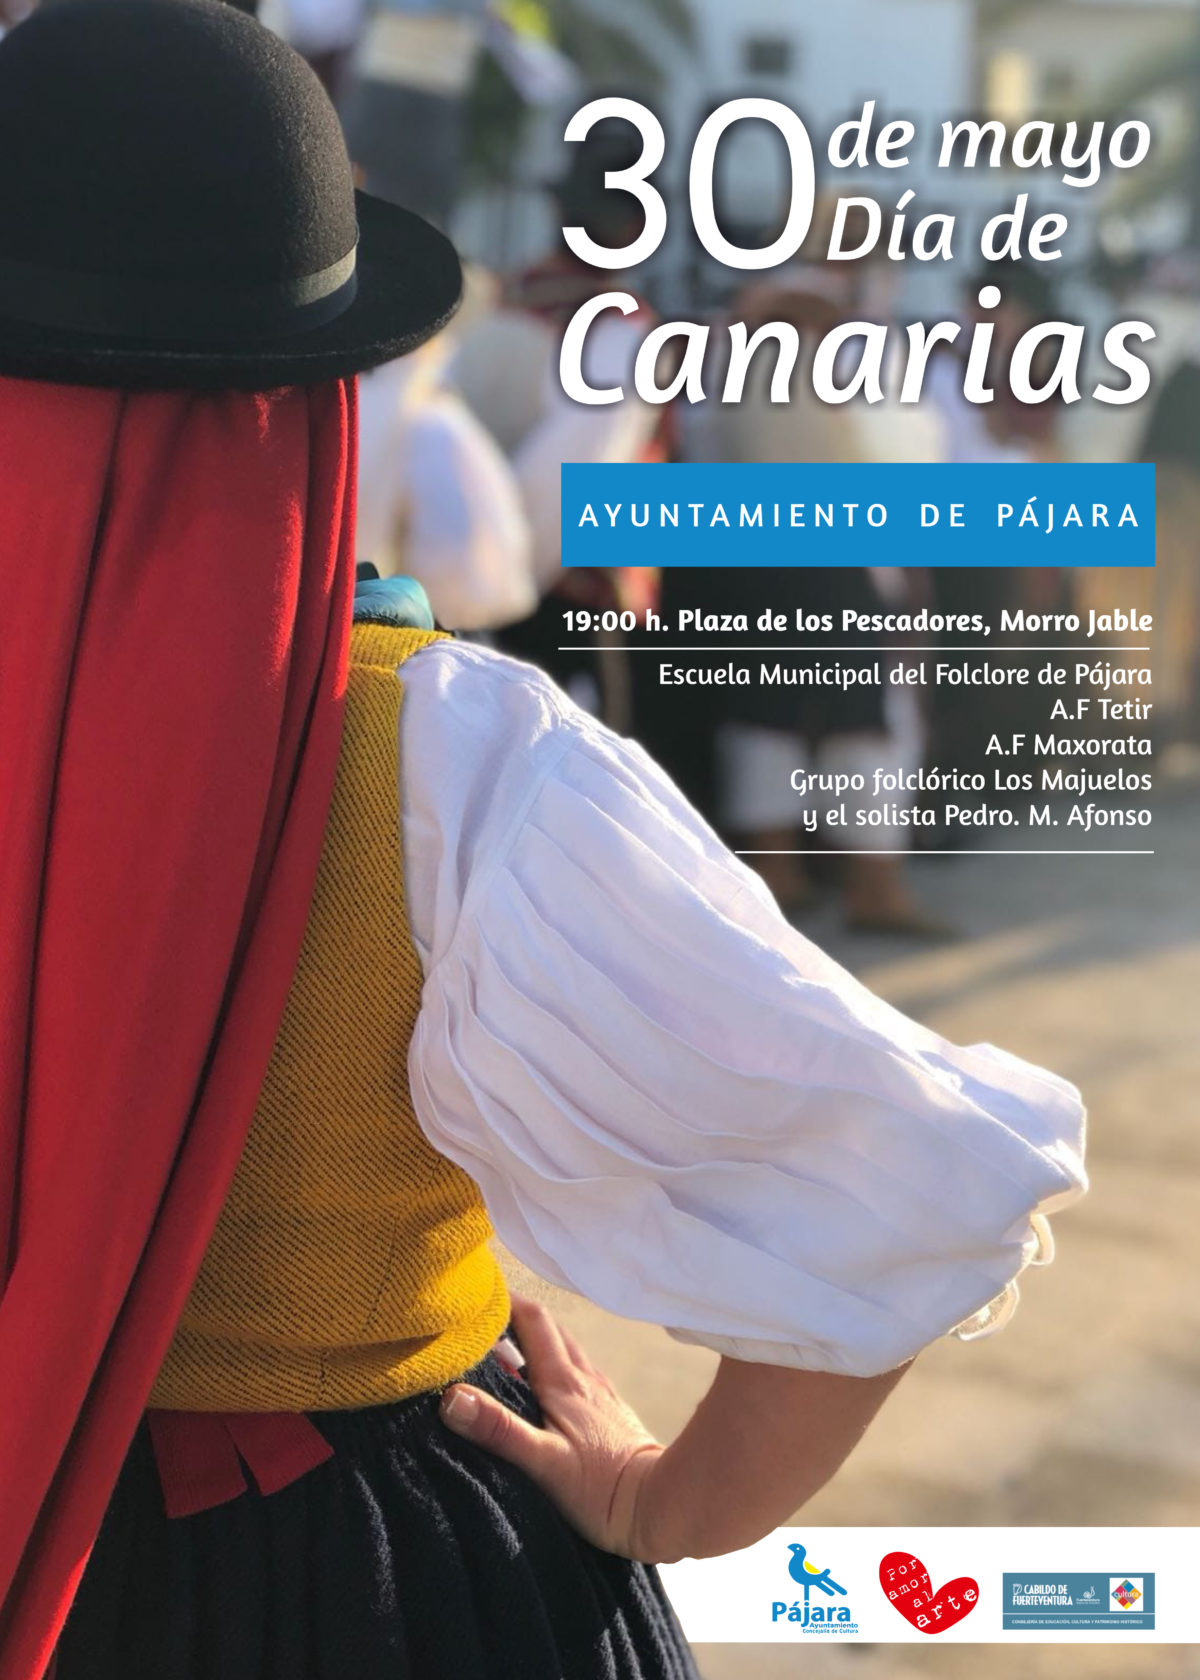 30 de Mayo. Día de Canarias